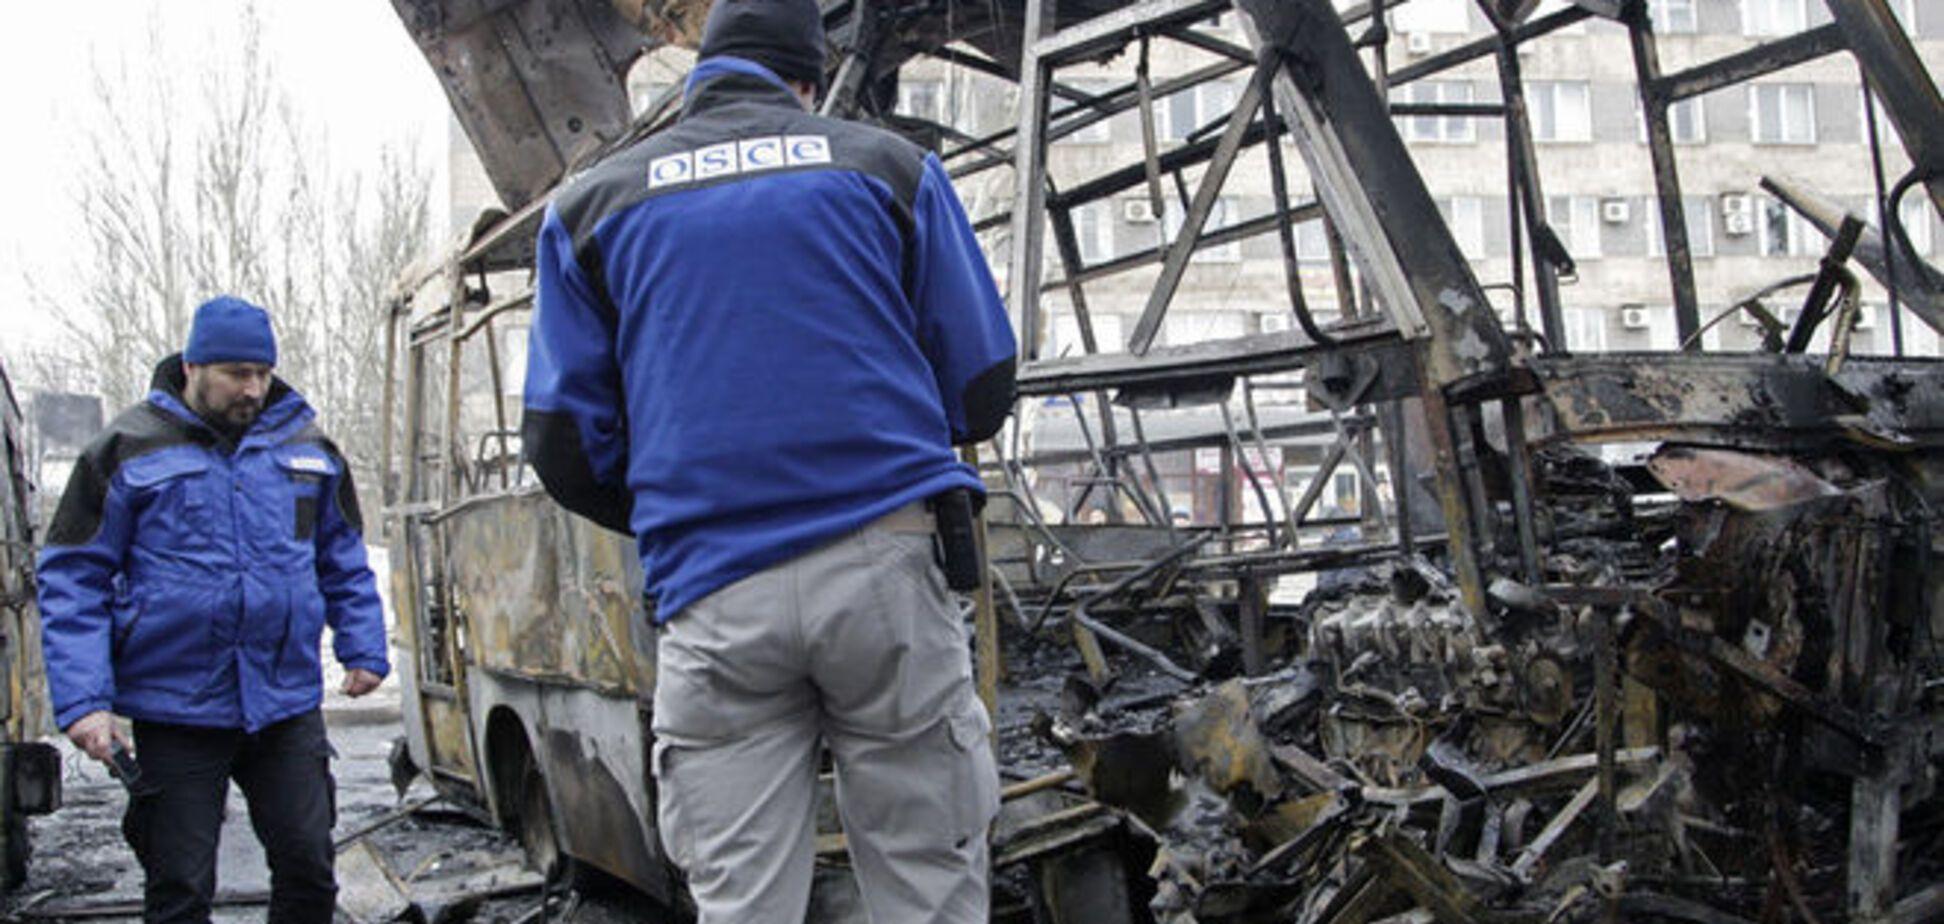 Глава ПА ОБСЕ обвинил боевиков в блокировке работы миссии на Донбассе